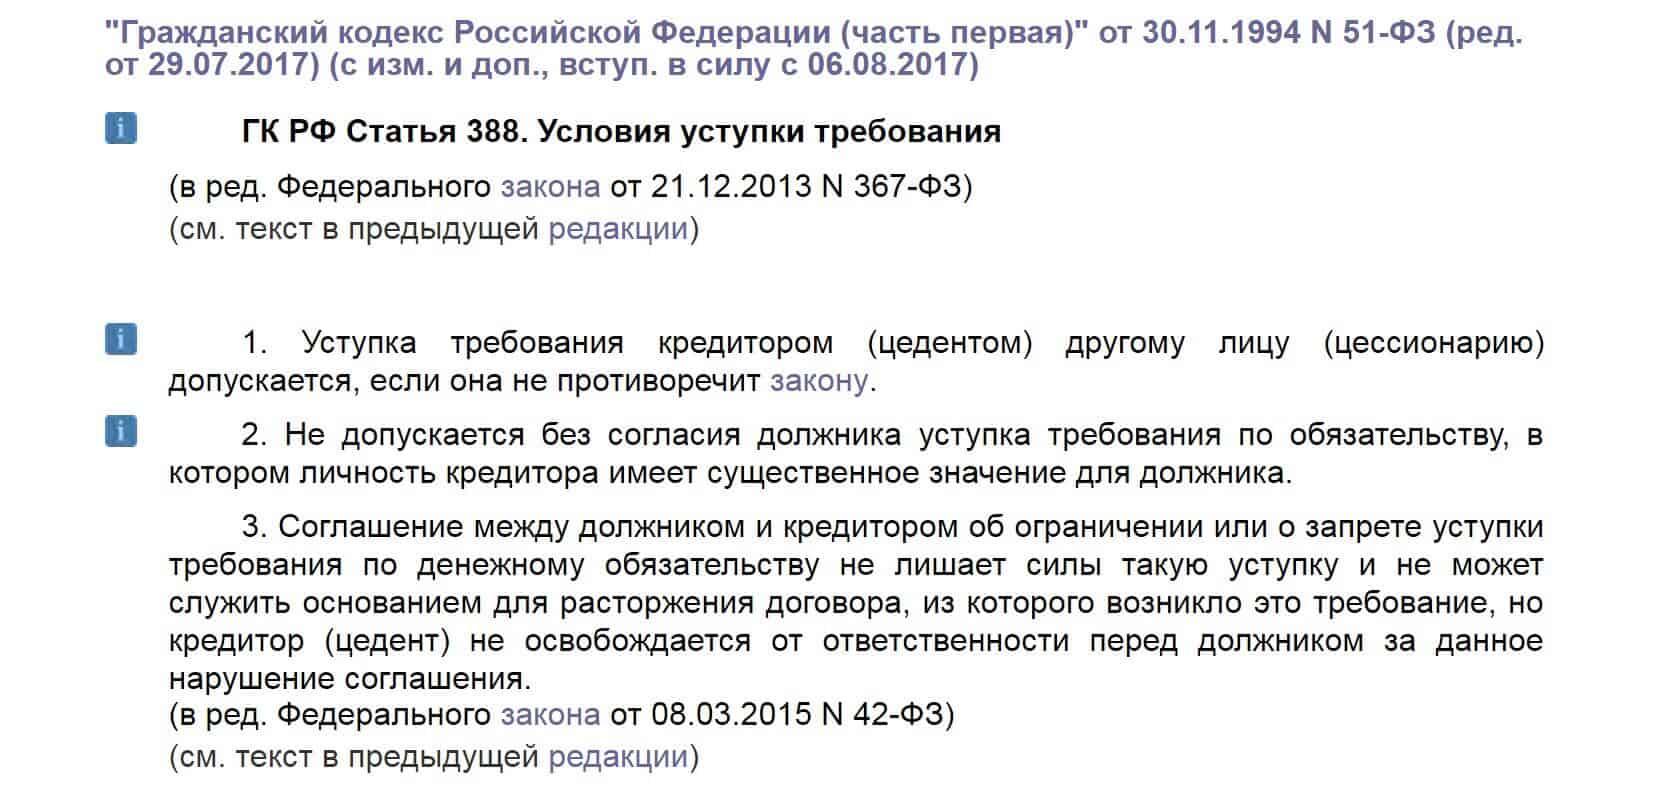 Статья 338 ГК